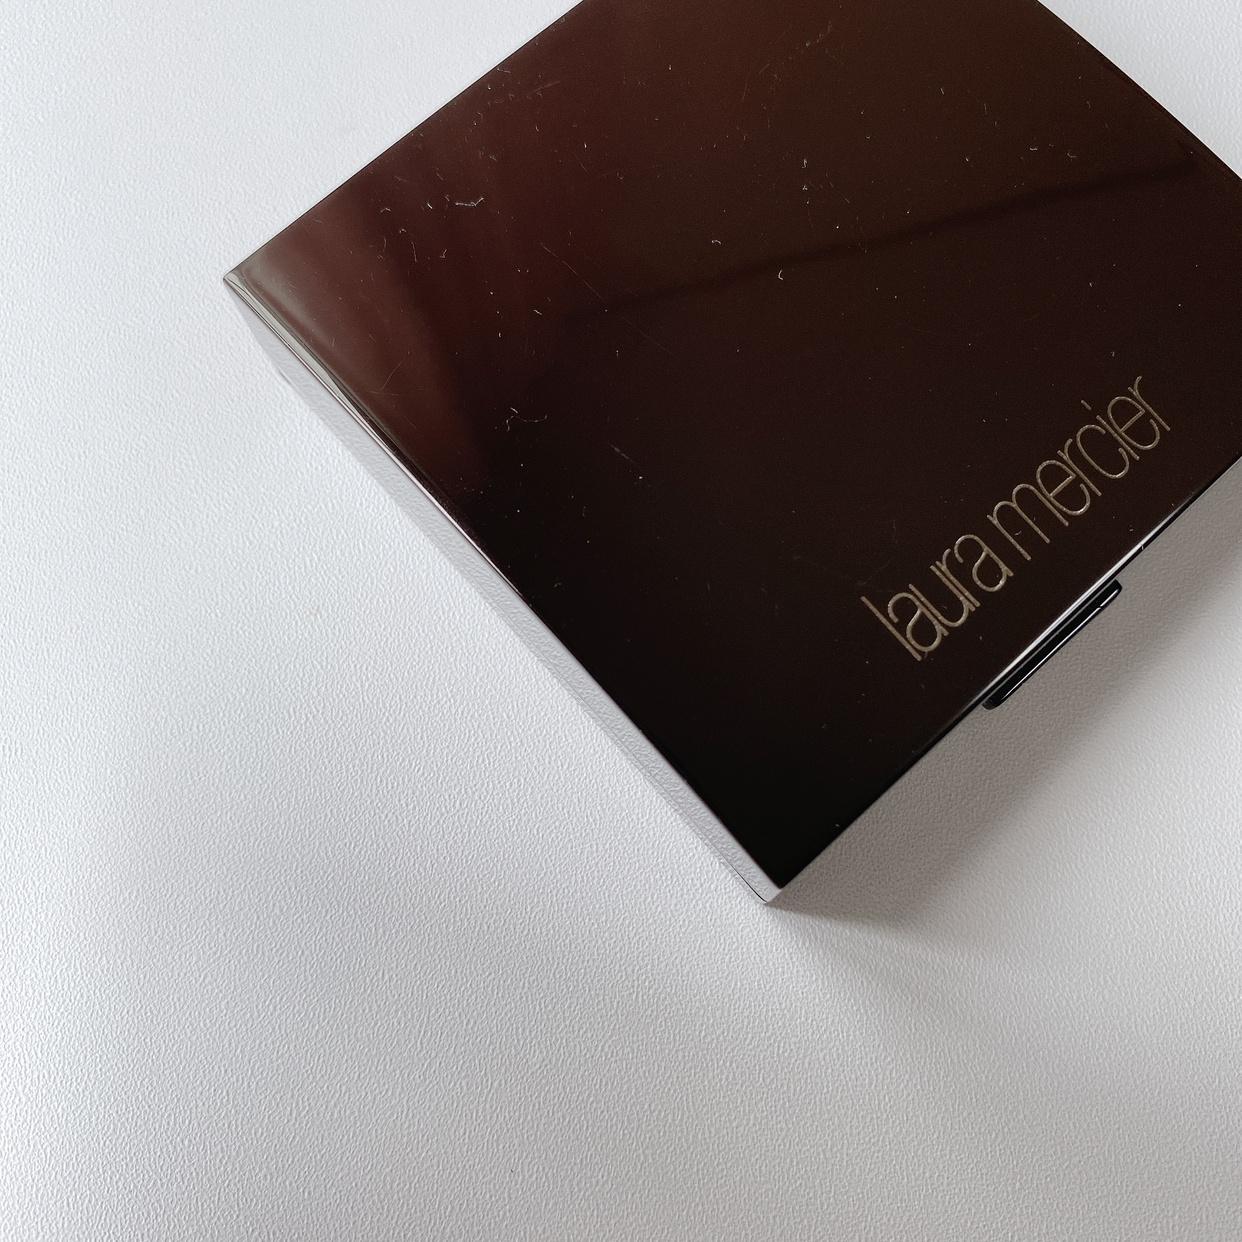 laura mercier(ローラ メルシエ)マットラディアンス ベイクドパウダー ハイライトを使ったMiiさんのクチコミ画像1